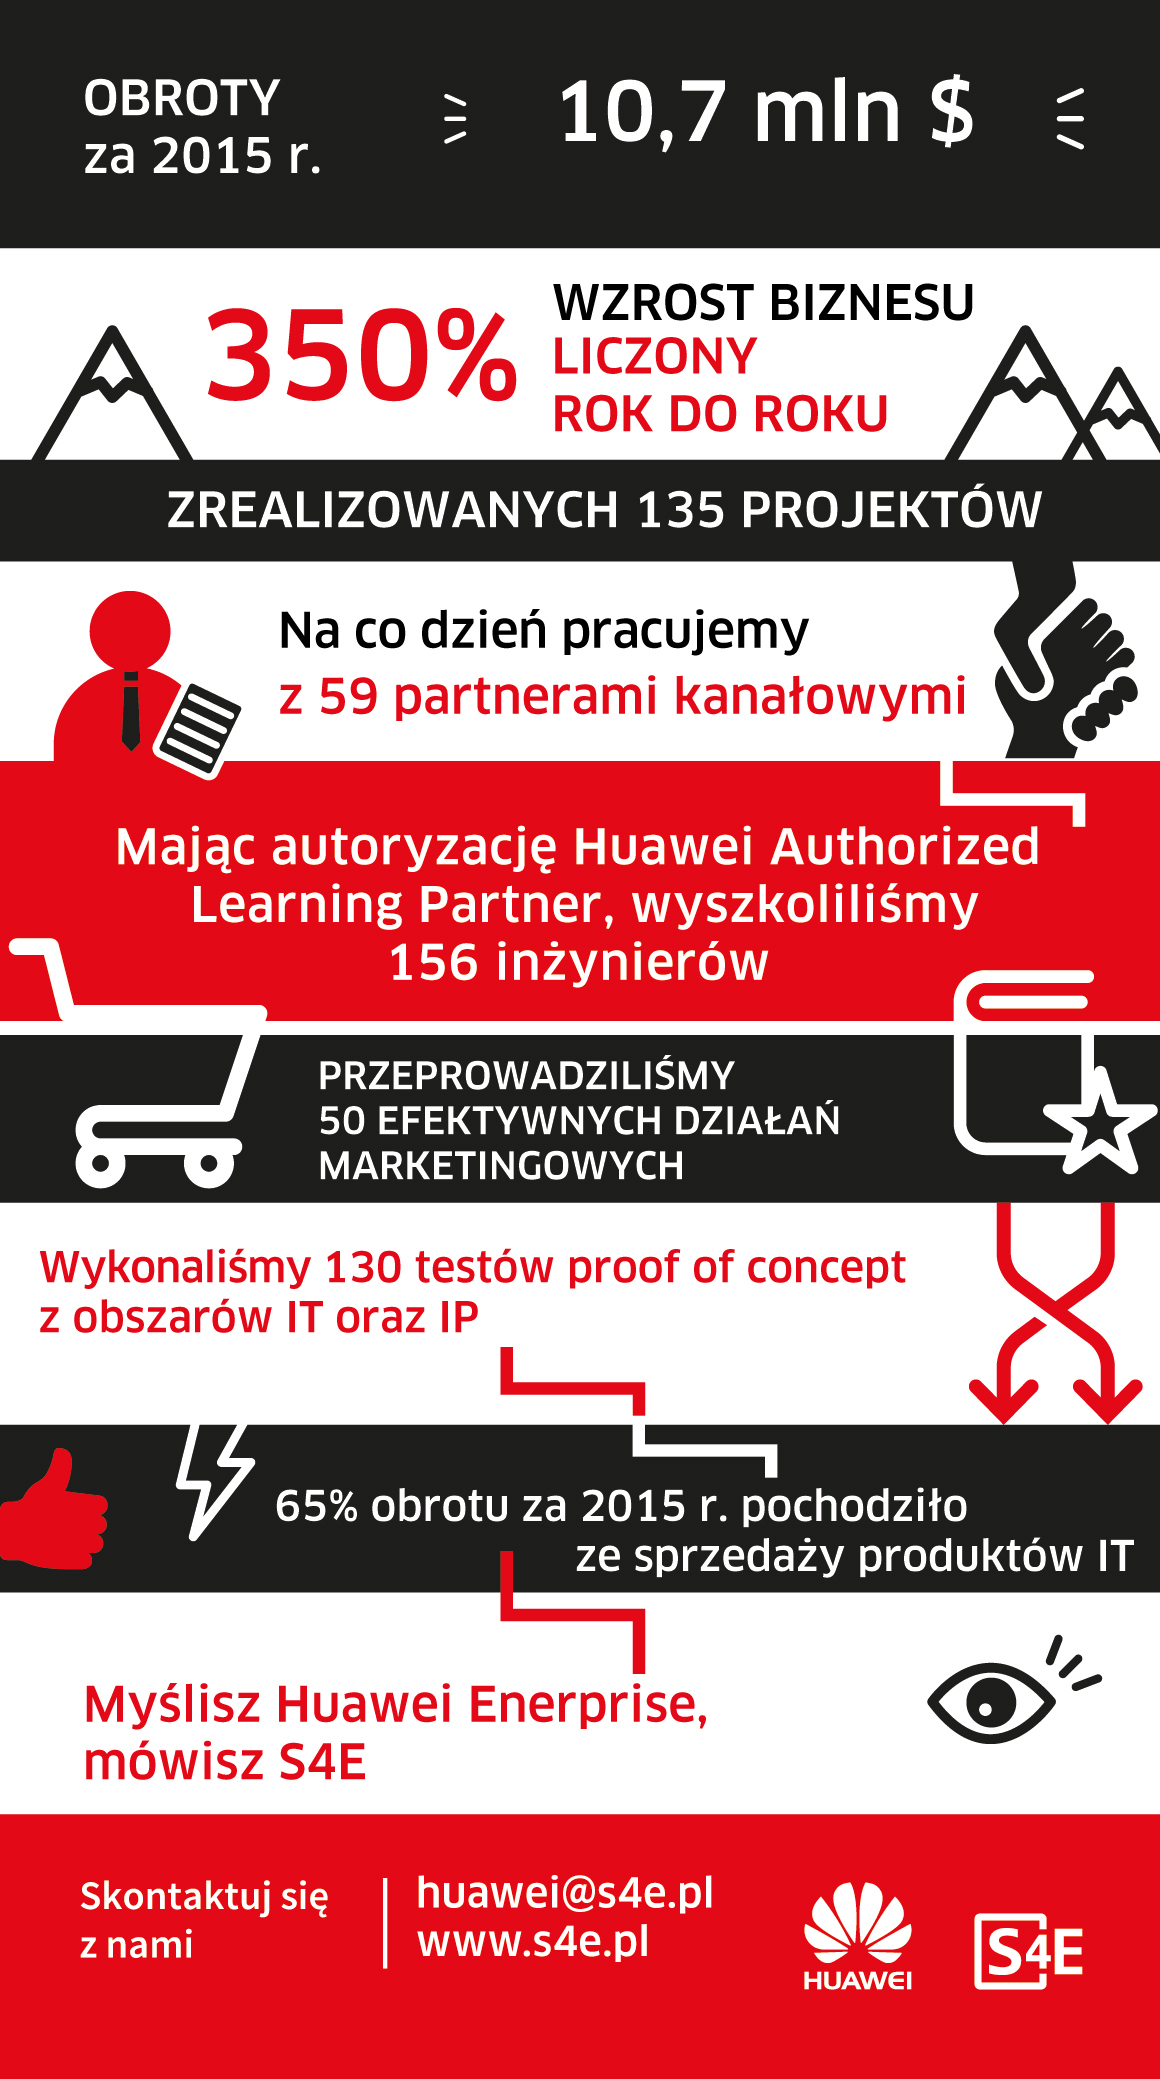 Najbardziej dynamiczny dystrybutor Huawei w Europie